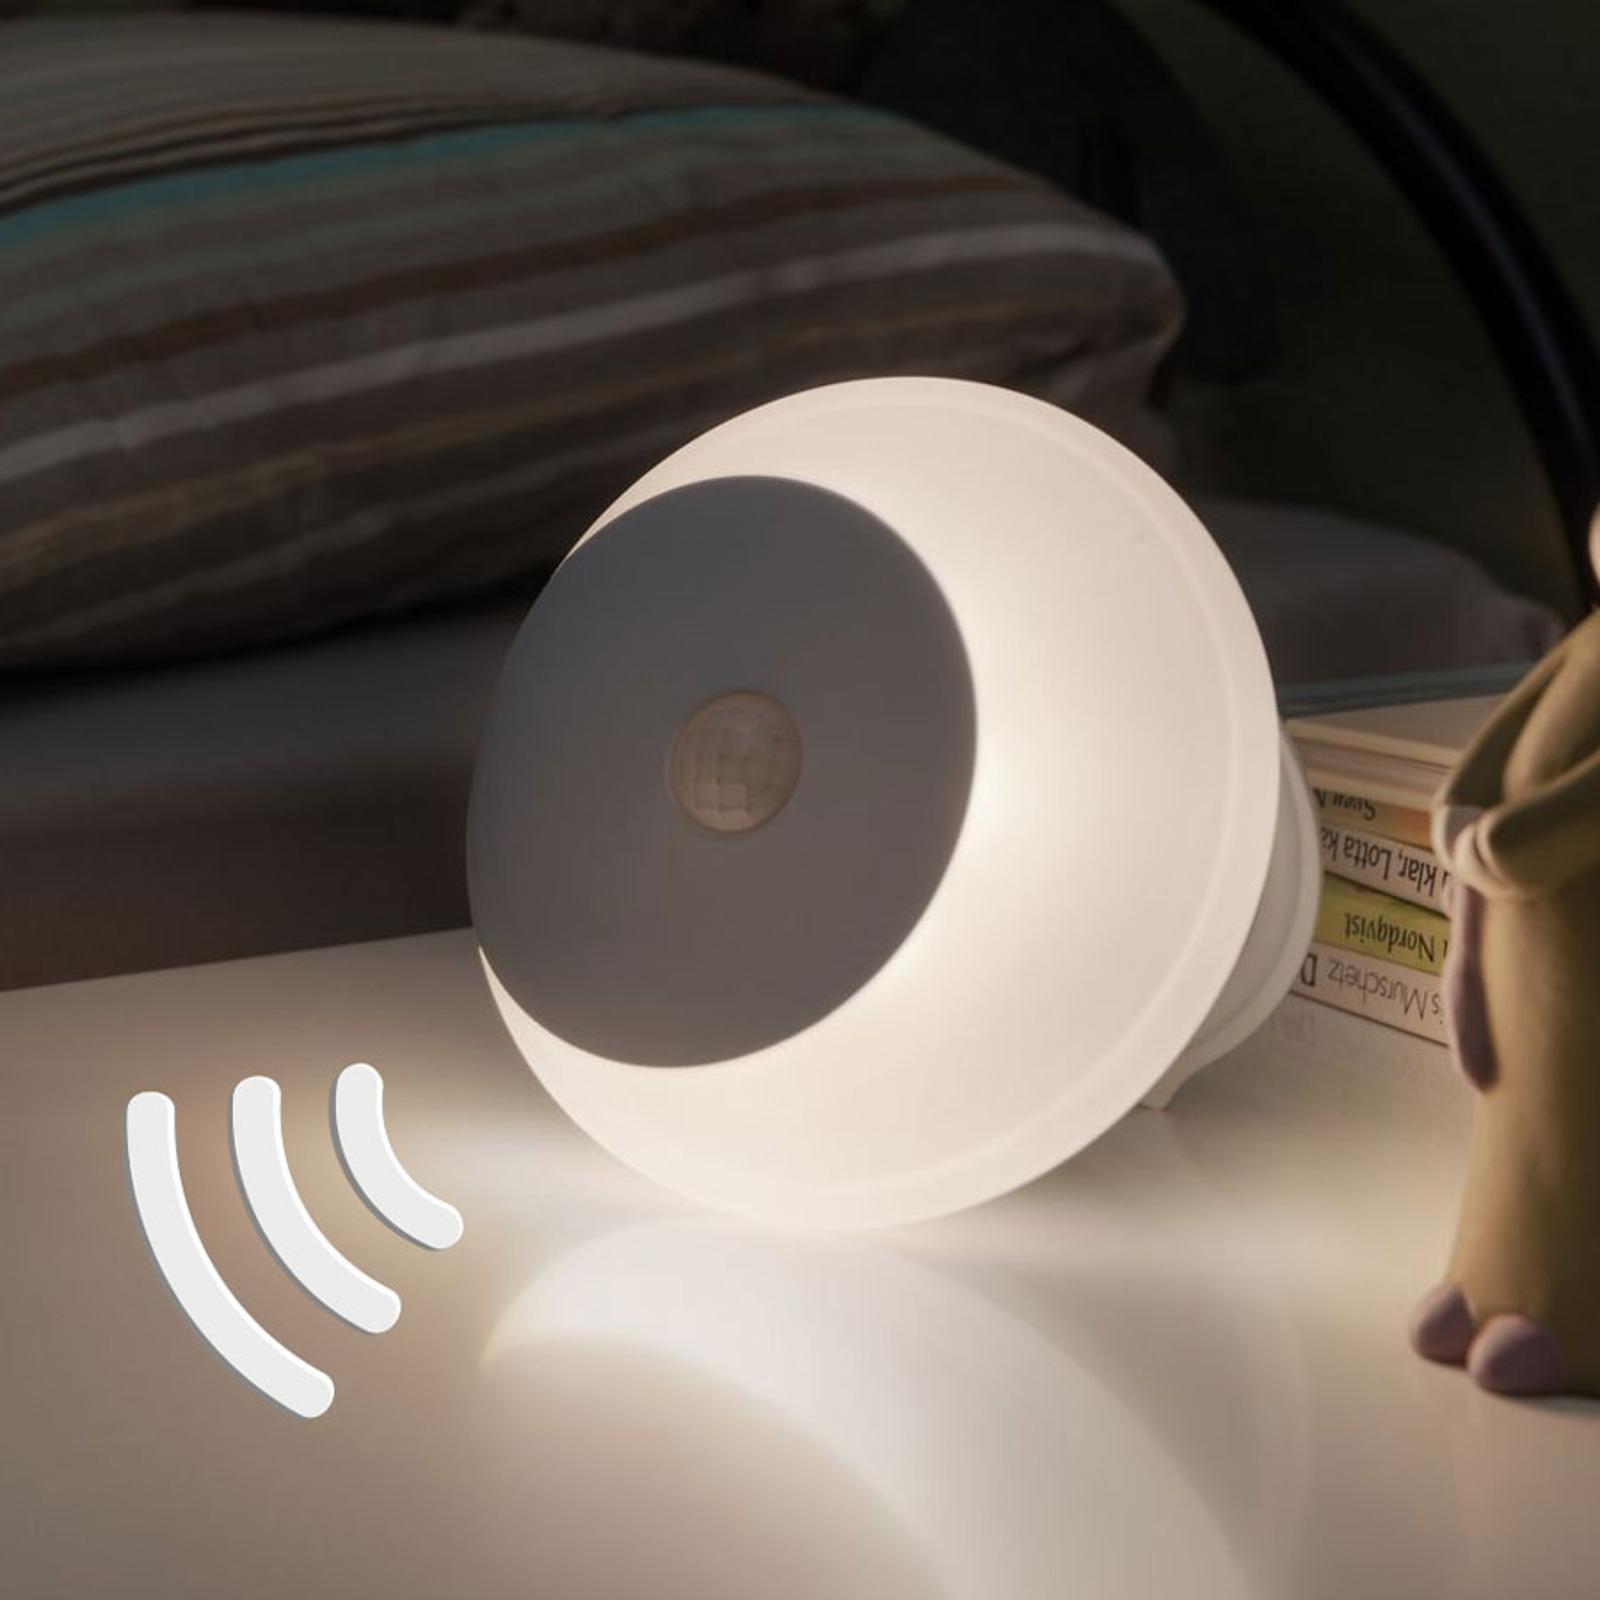 Nachtlicht, Mobile Leuchte Toby | Nachtlicht, Licht, Mobiles